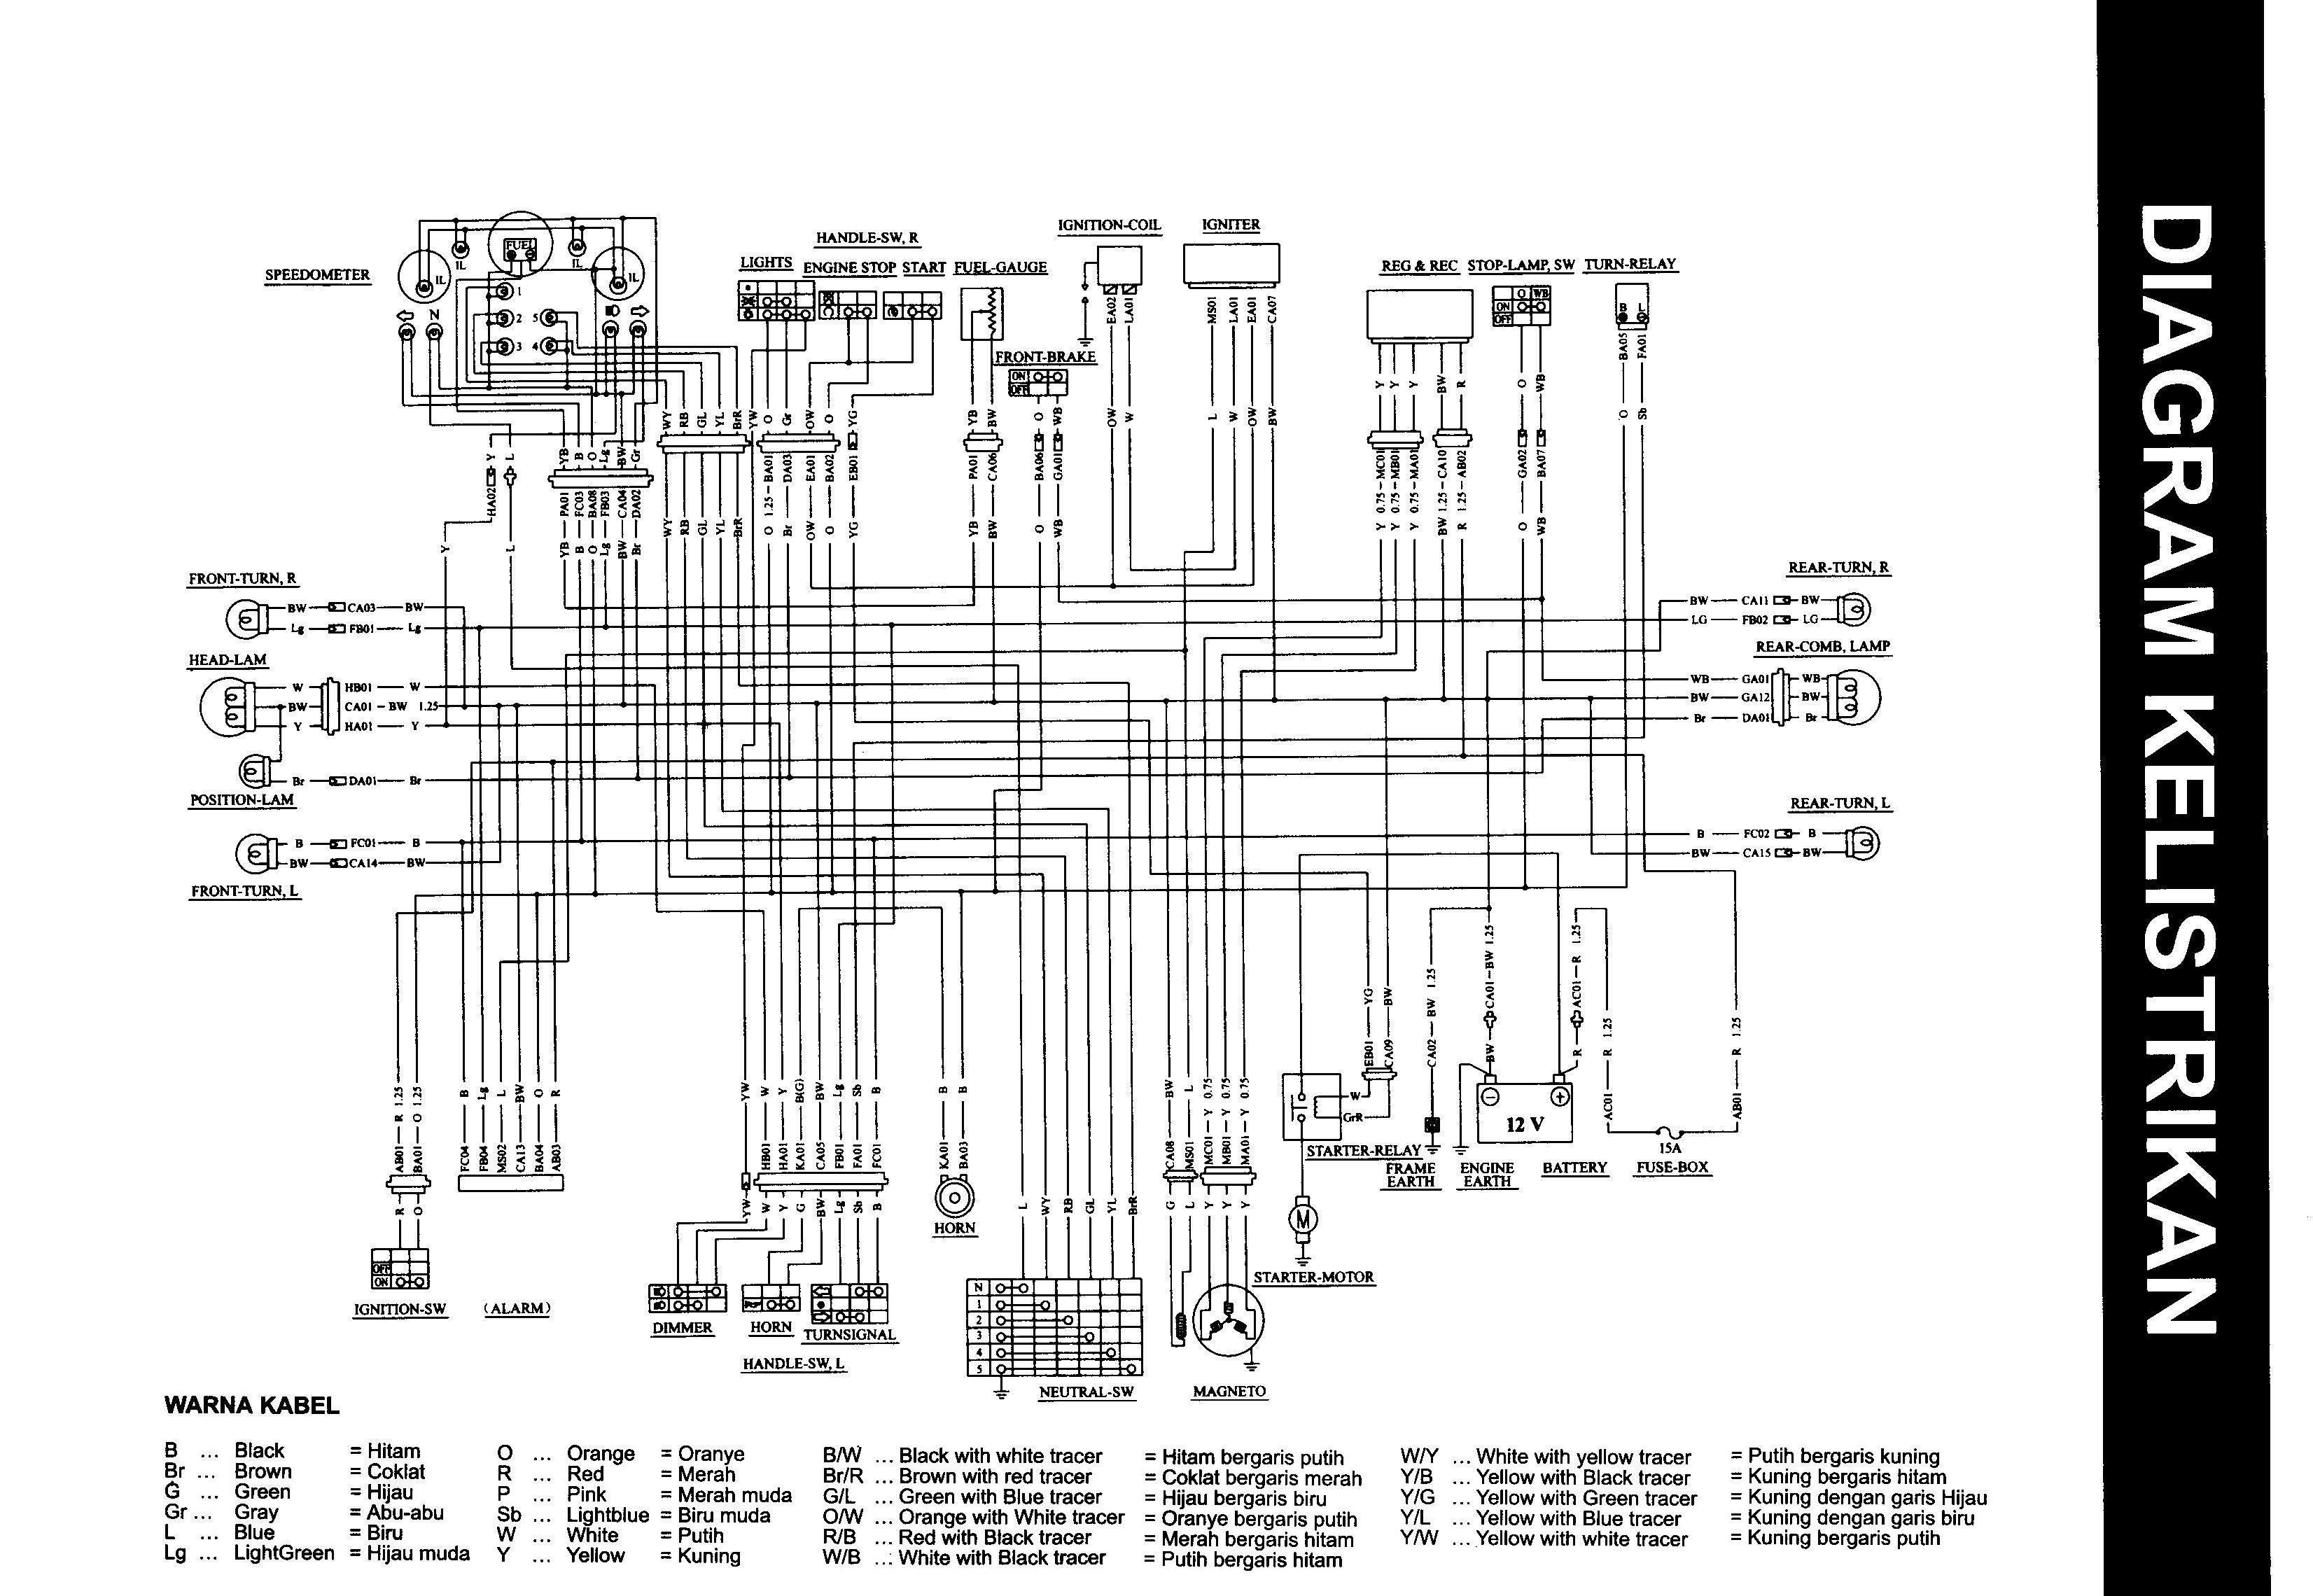 medium resolution of wiring diagram jupiter z1 basic electronics wiring diagram jupier z1 wiring diagram